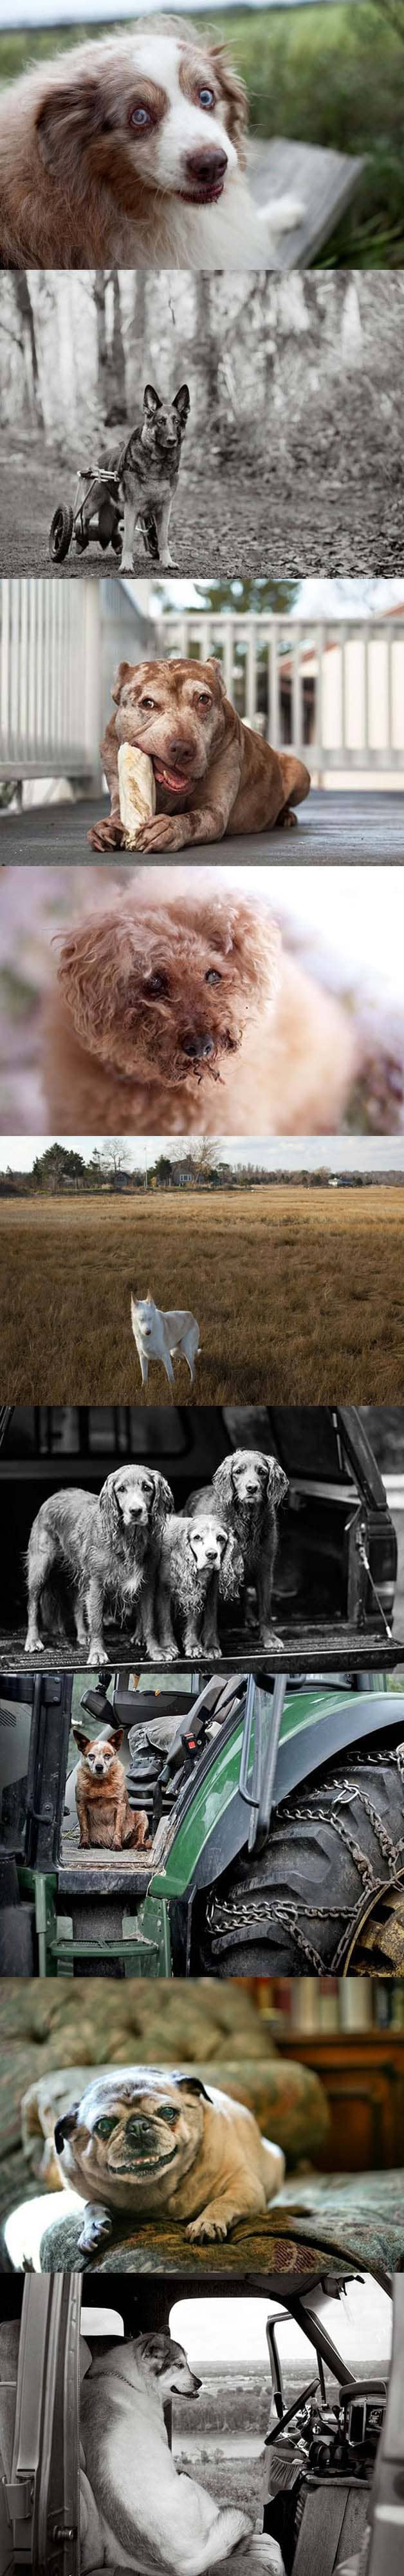 Fotógrafa faz projeto registrando imagens de cães idosos 2